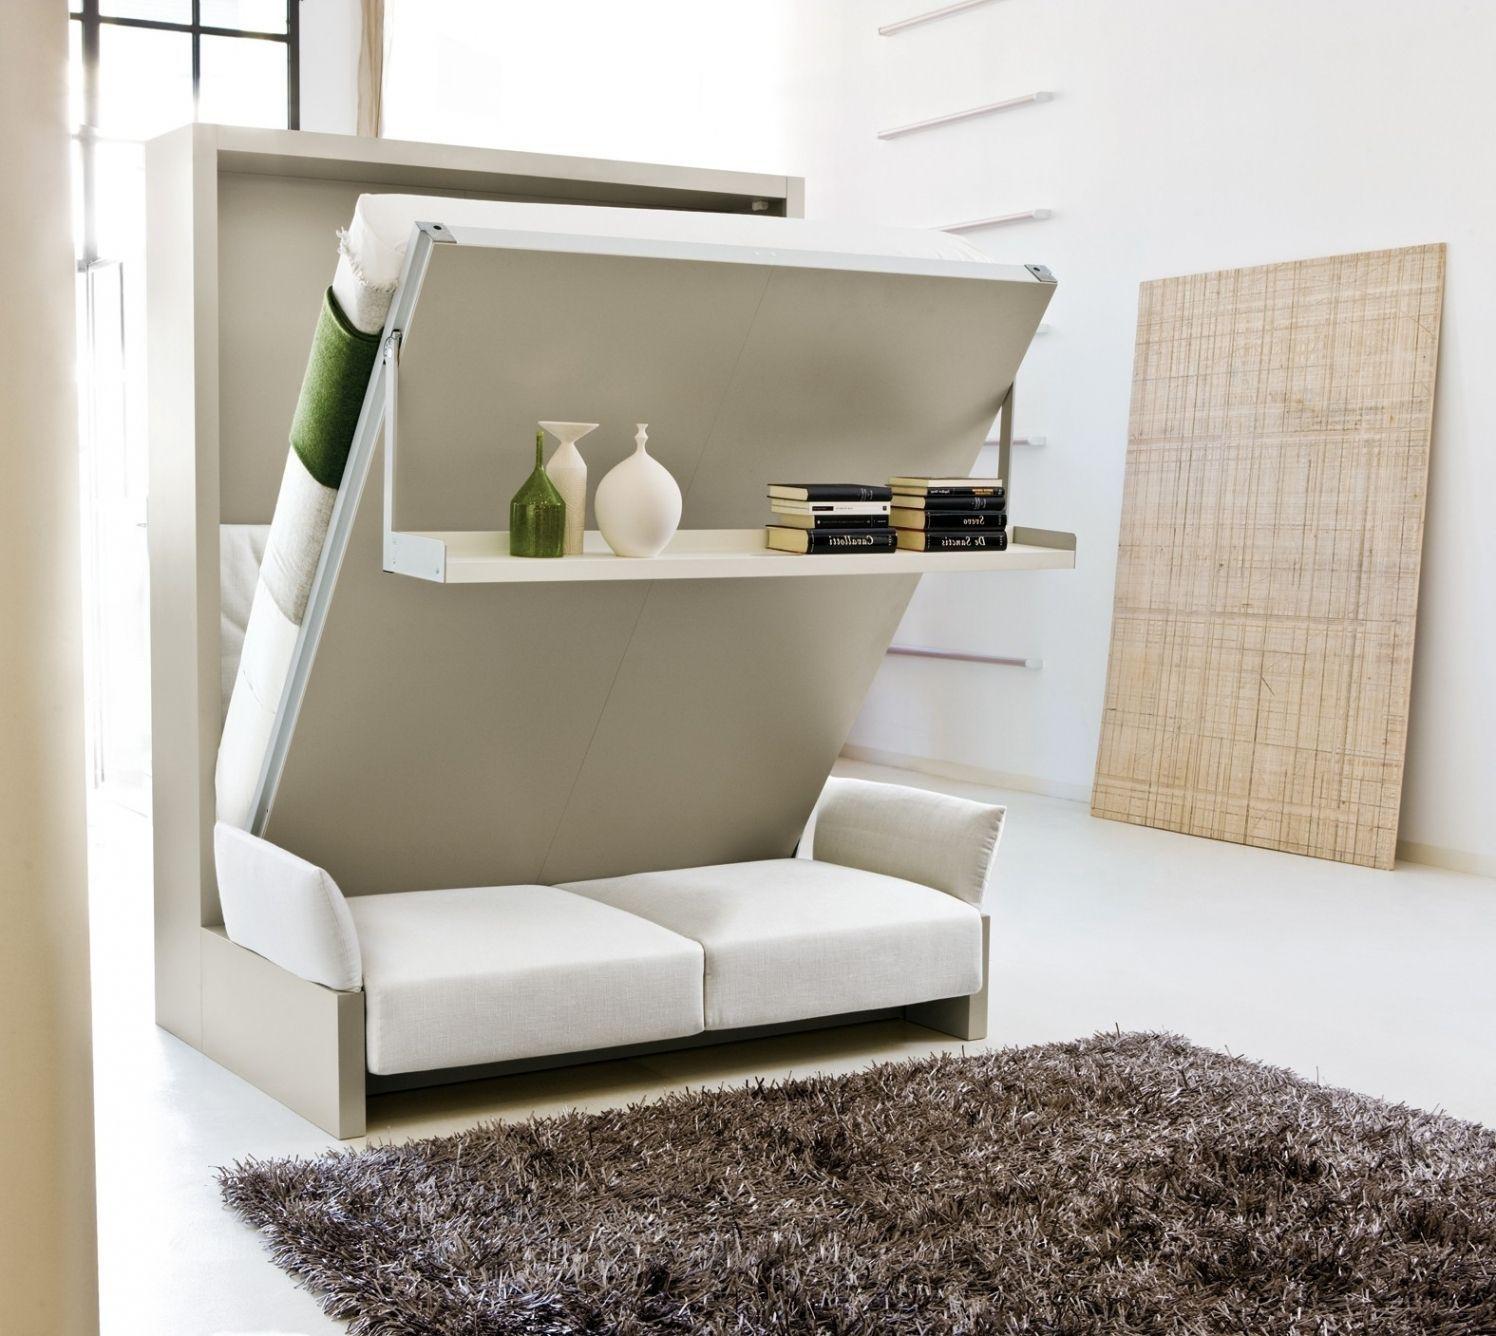 Best Modern Murphy Beds Couch Murphy Bed Modern Wall Beds 640 x 480